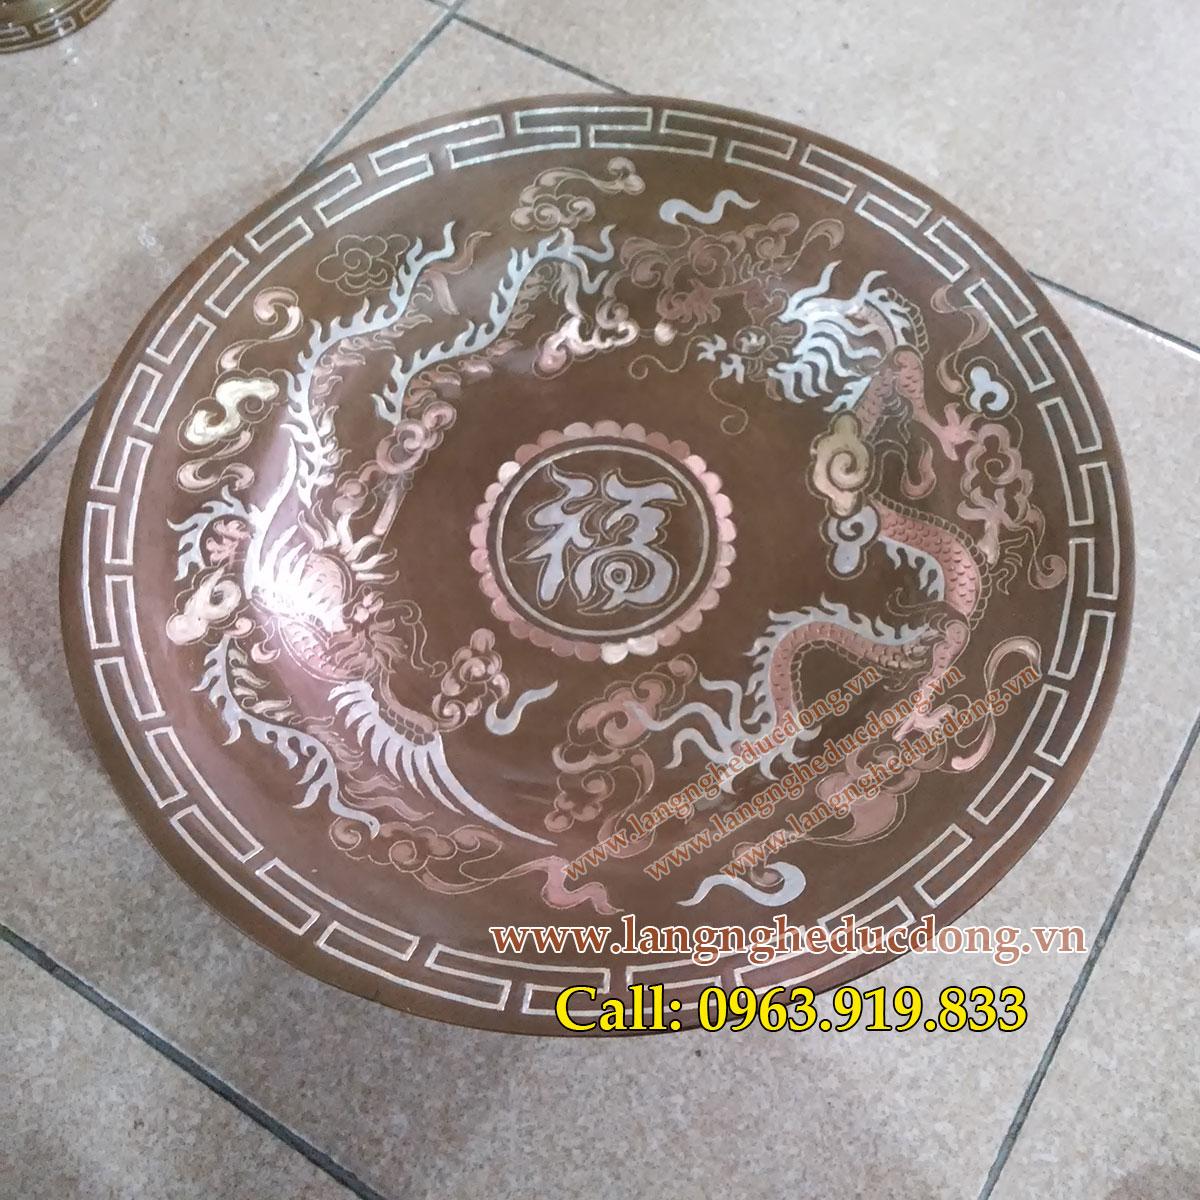 langngheducdong.vn - Mâm bồng, ĐK 28cm, mâm ngũ quả, mâm bồng Long Phượng